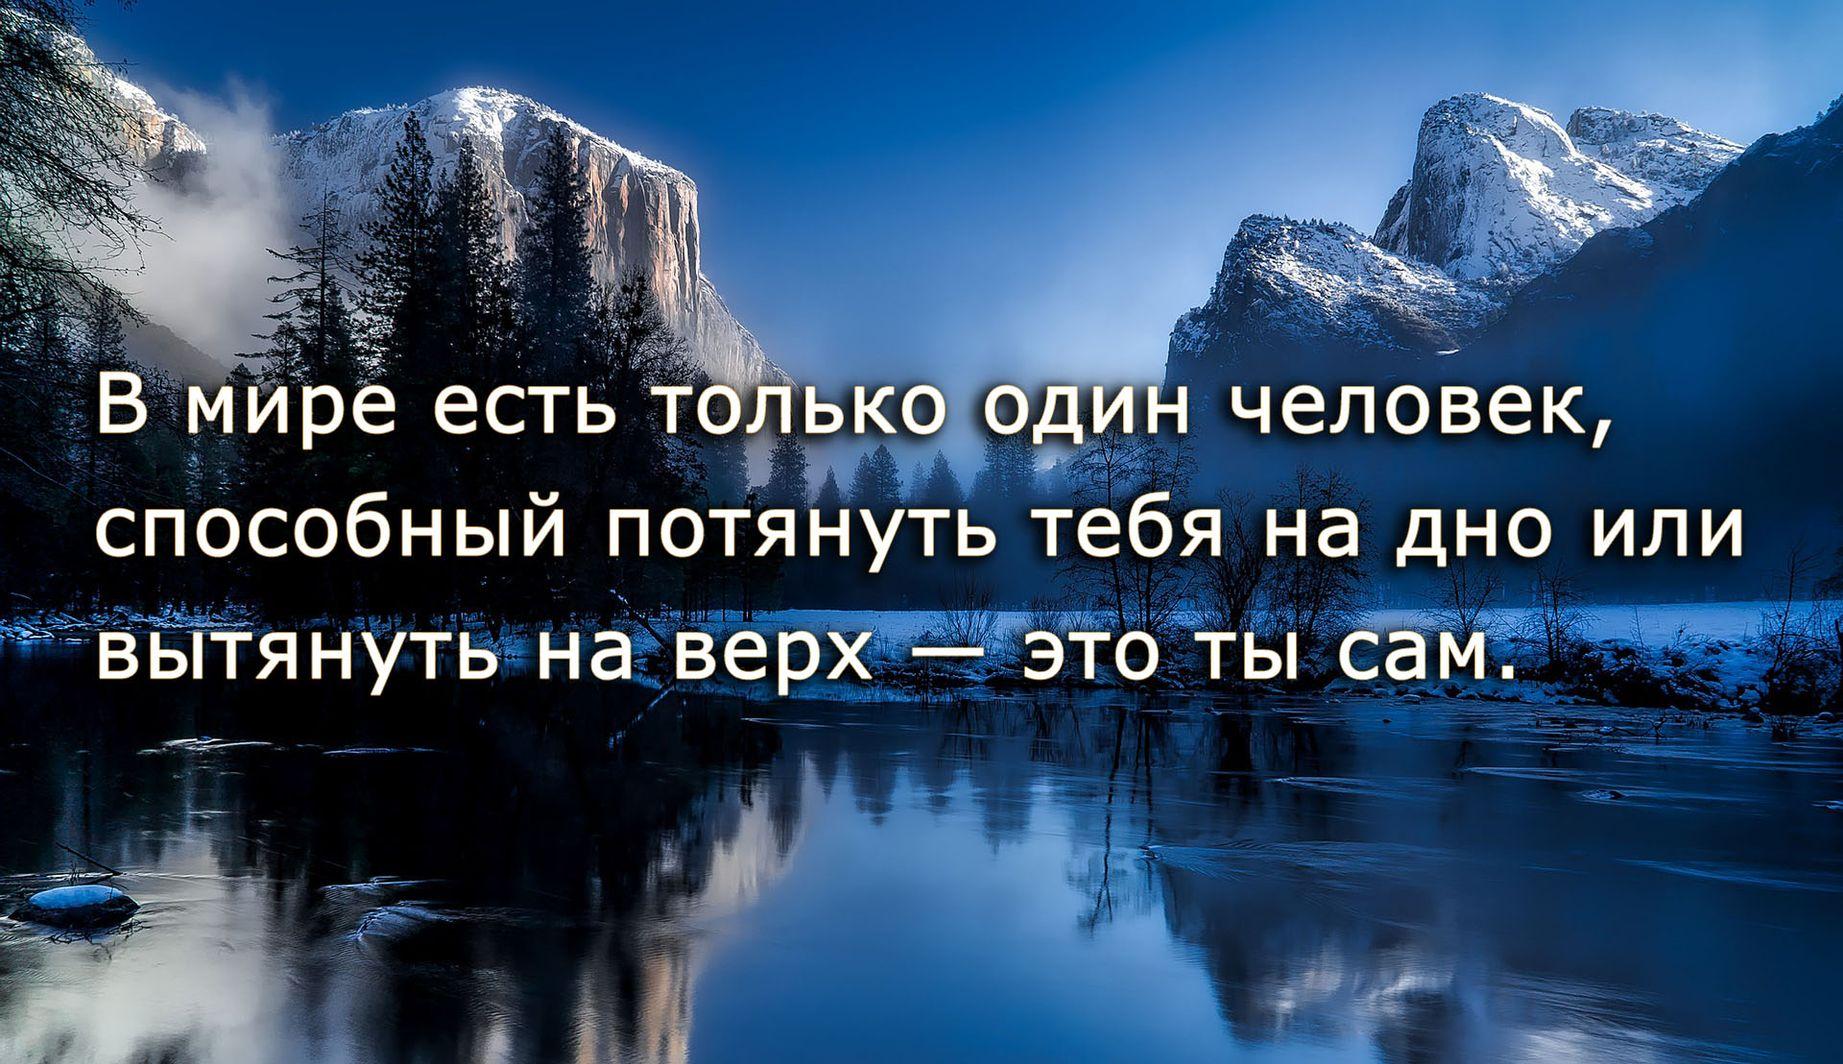 https://proprikol.ru/wp-content/uploads/2020/03/kartinki-aforizmy-pro-zhizn-2-1.jpg